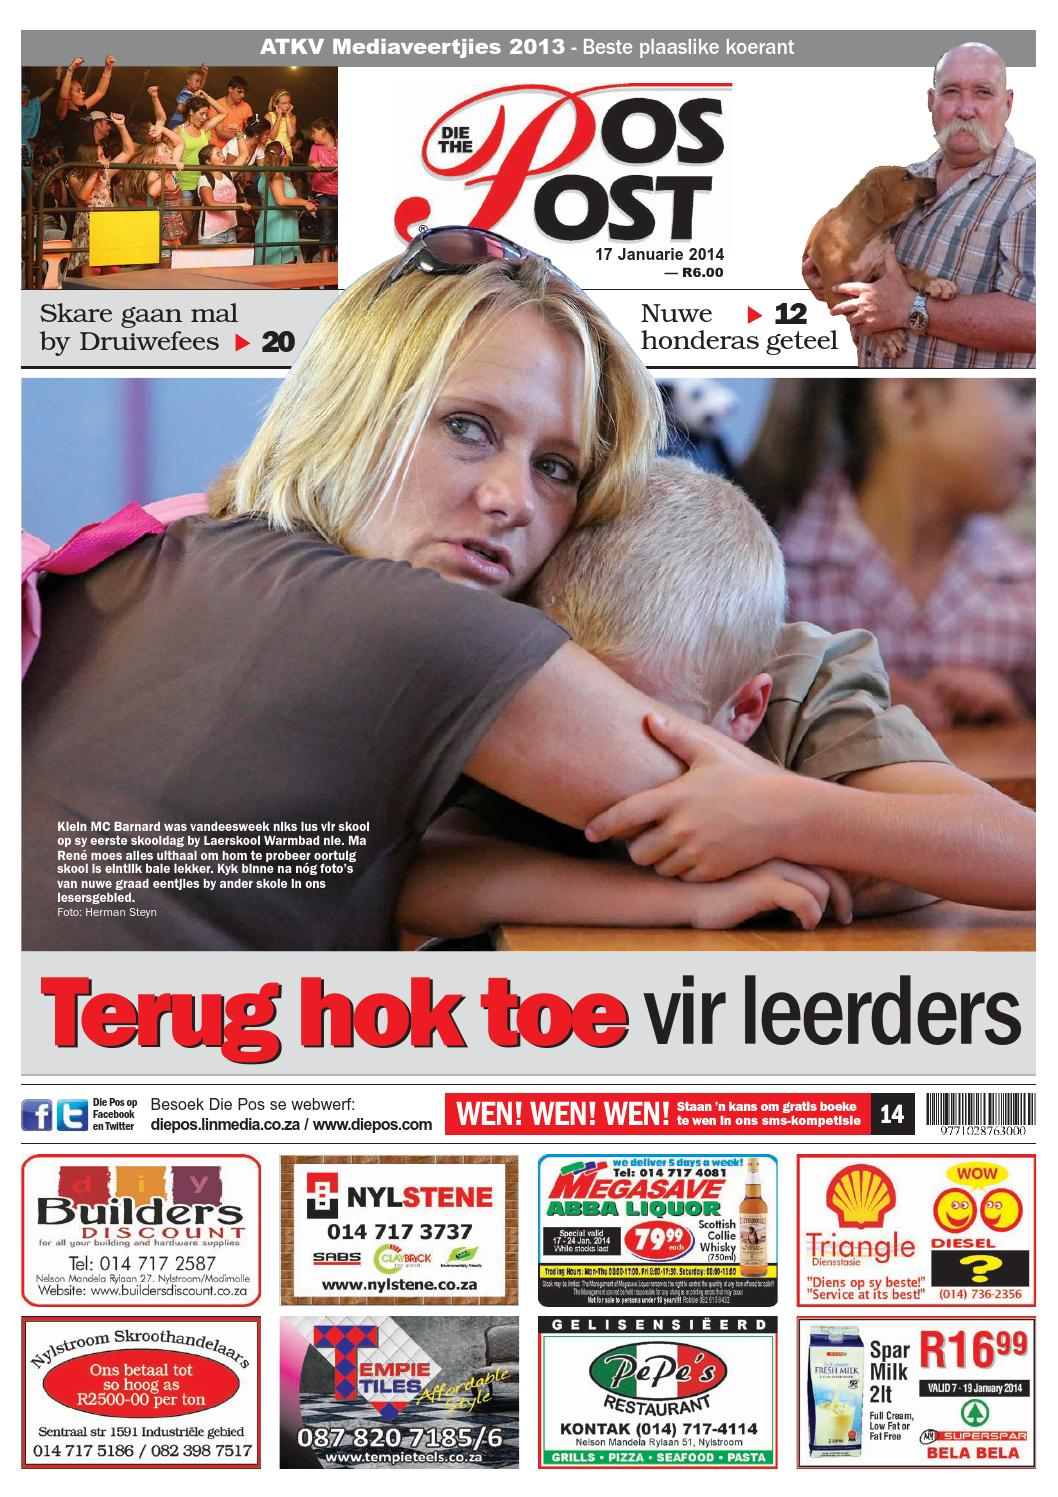 Die pos 10 oktober 2014 by die pos koerant/newspaper   issuu